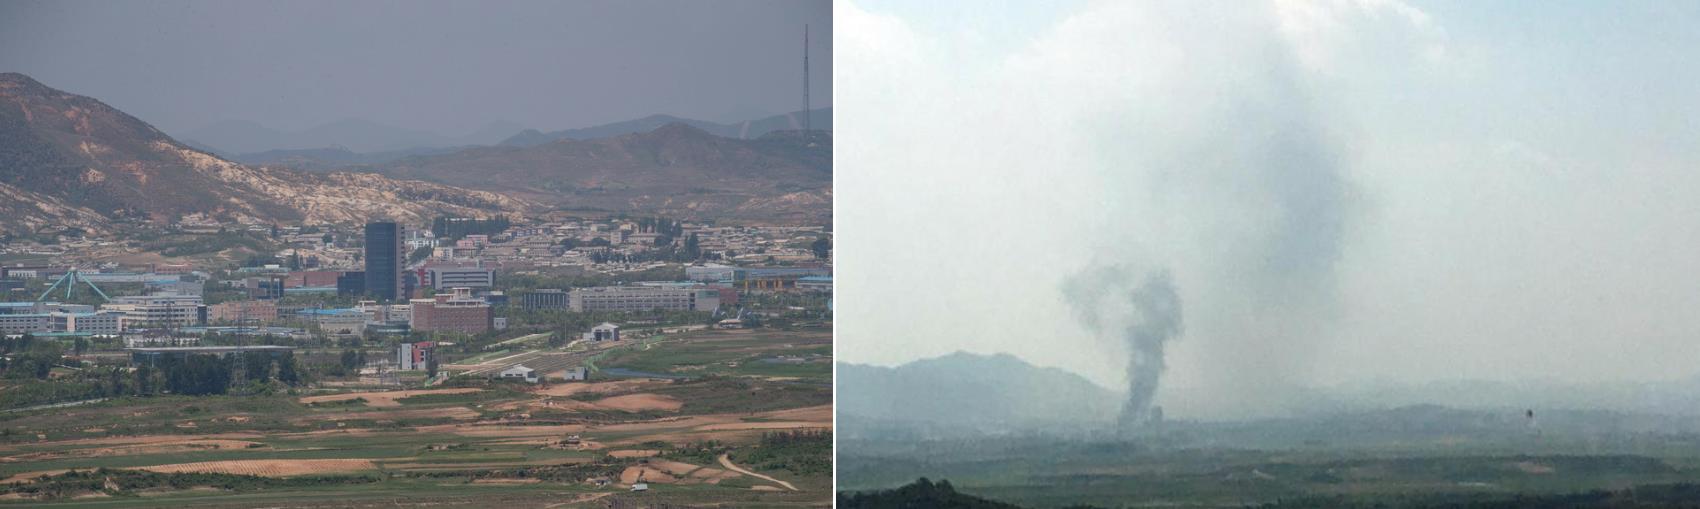 """三八线爆破声背后的半岛困境:朝鲜的""""烫手山"""